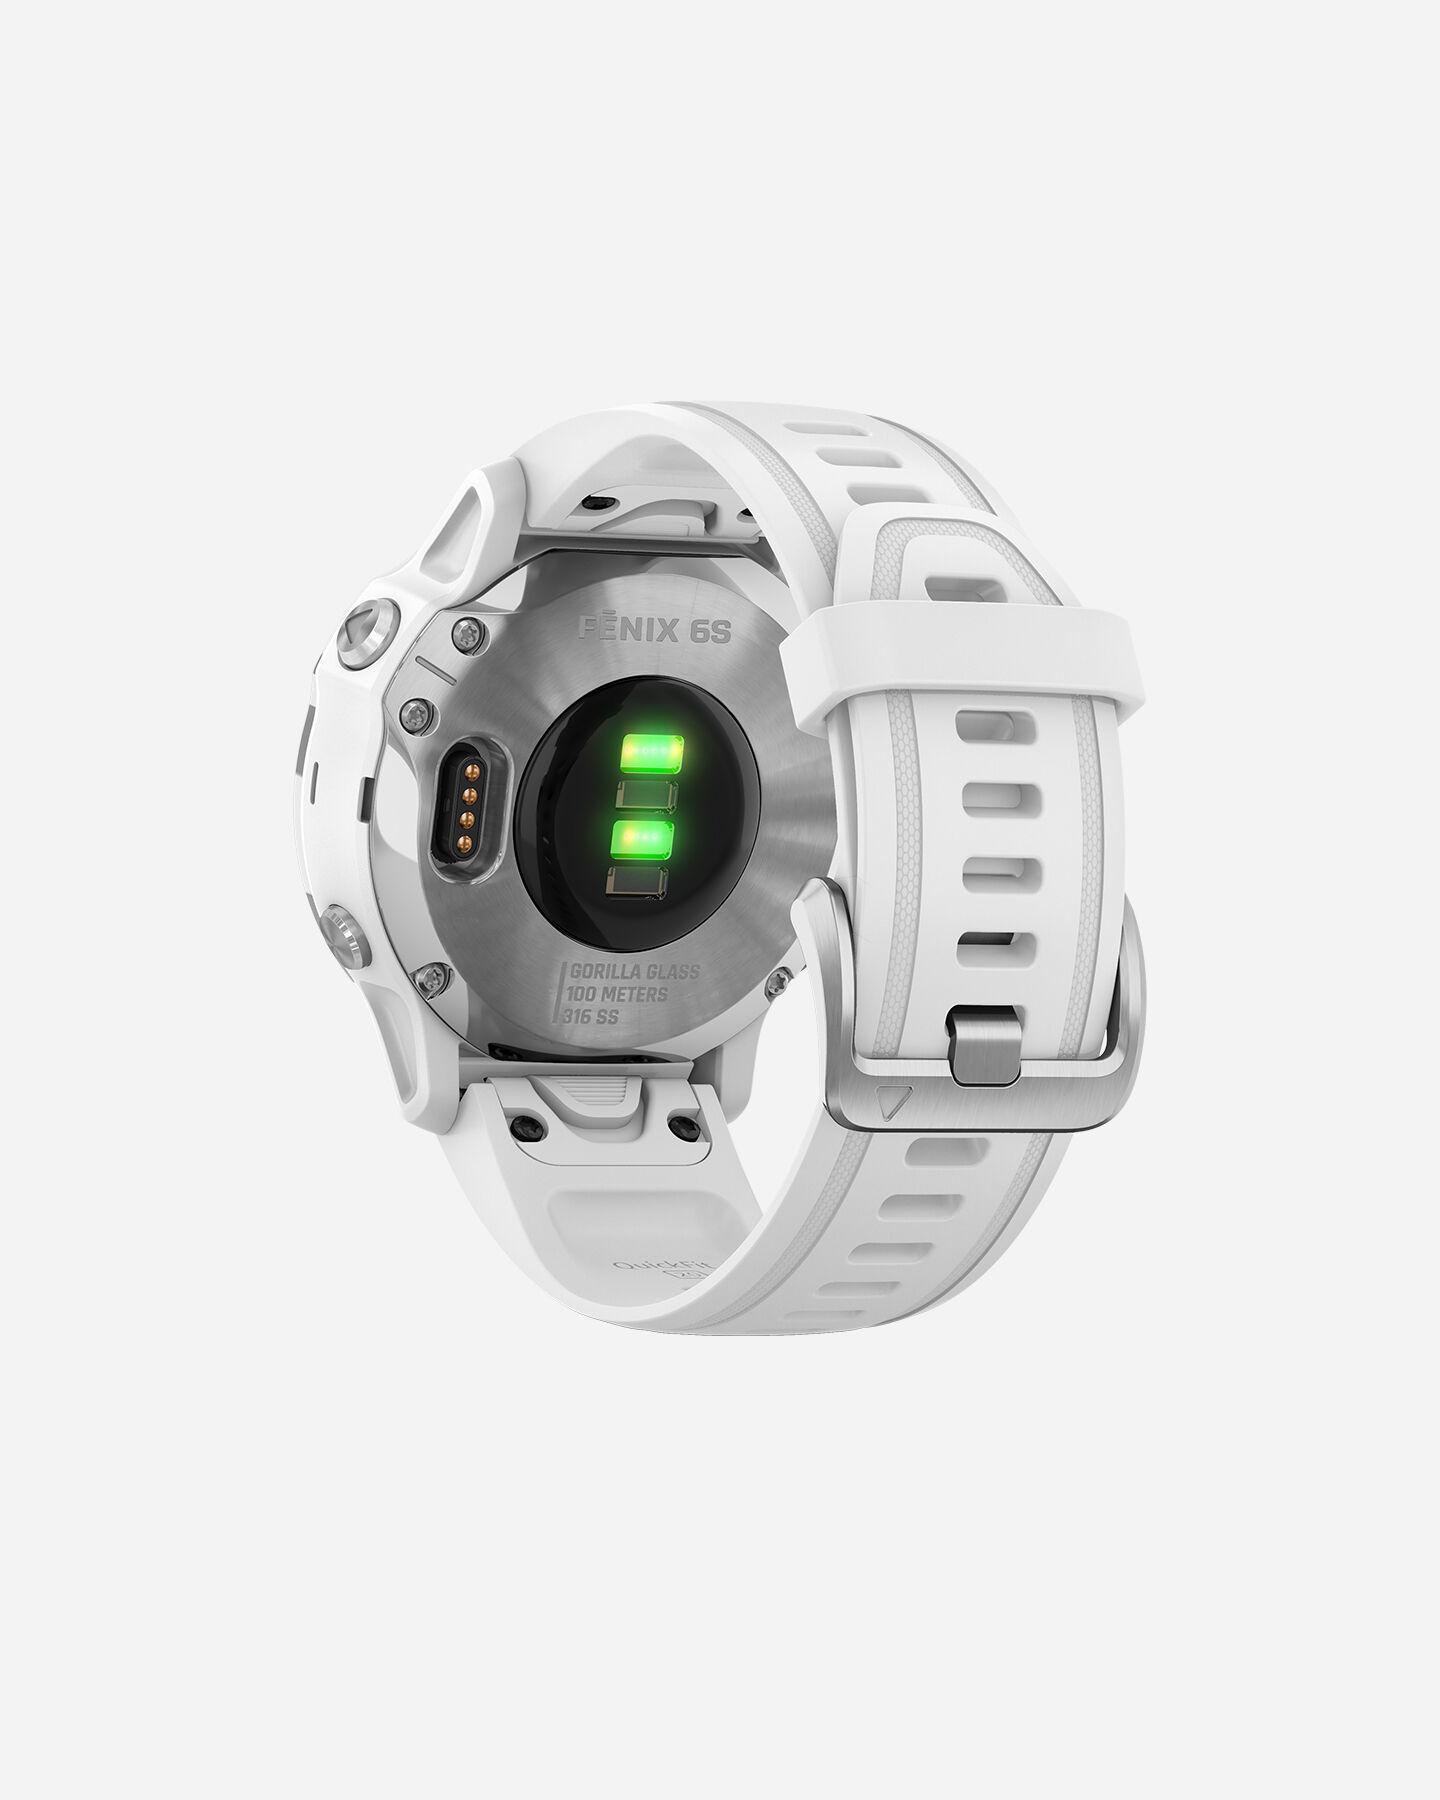 Orologio multifunzione GARMIN FENIX 6S S4076548|00|UNI scatto 5